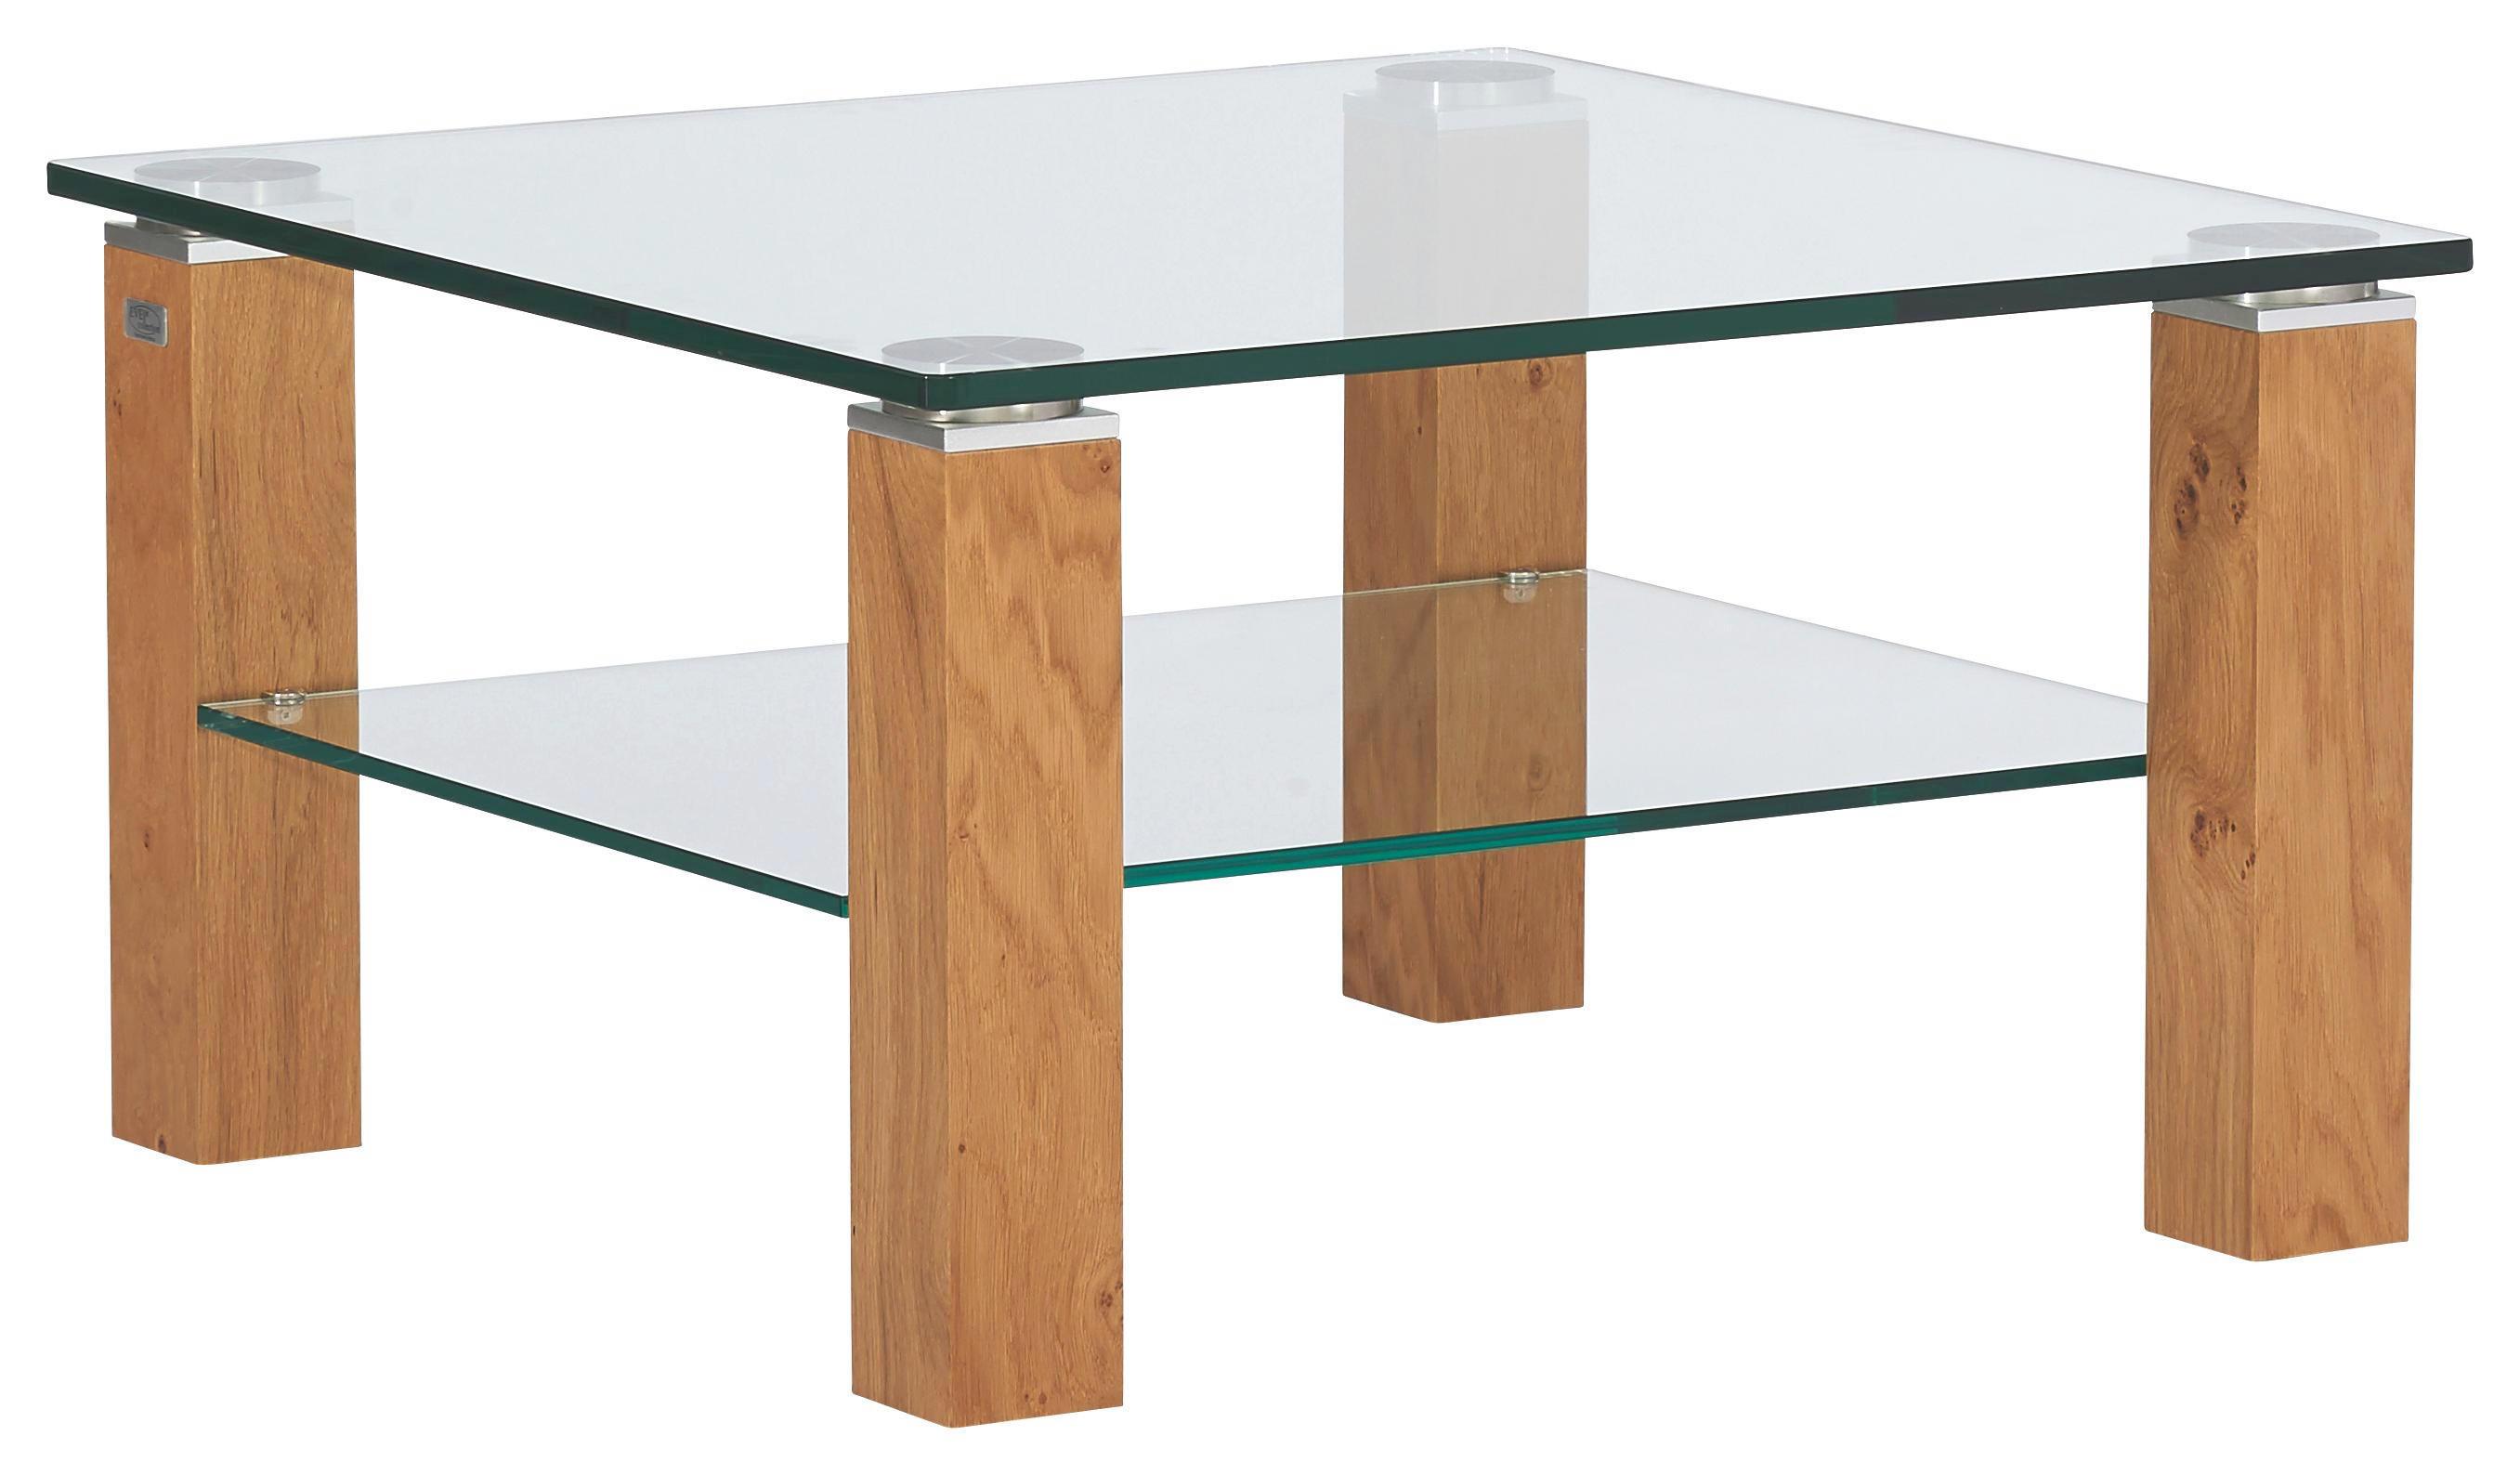 couchtisch xxxlutz genial m bel mann ludwigsburg mobel mobilia mannheim mit tisch. Black Bedroom Furniture Sets. Home Design Ideas